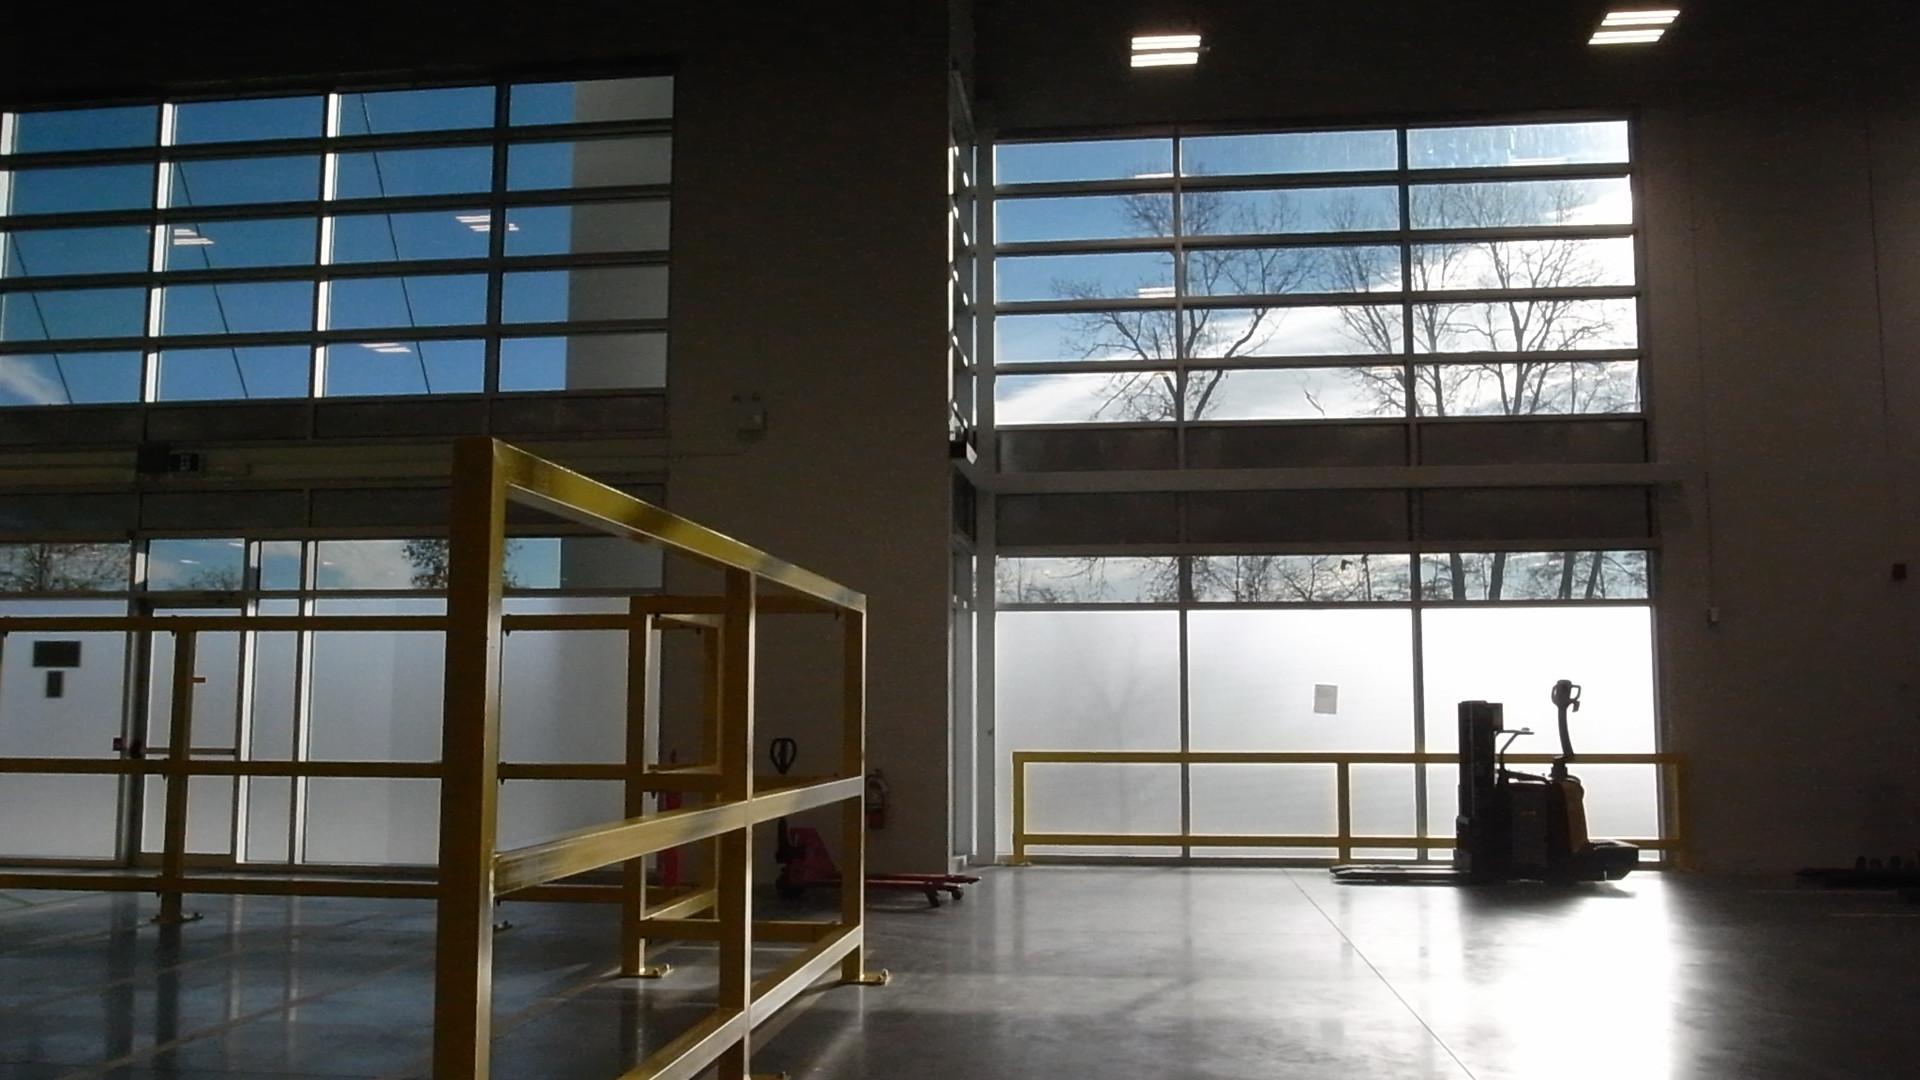 Canada Post Corporation Interior Gate 2